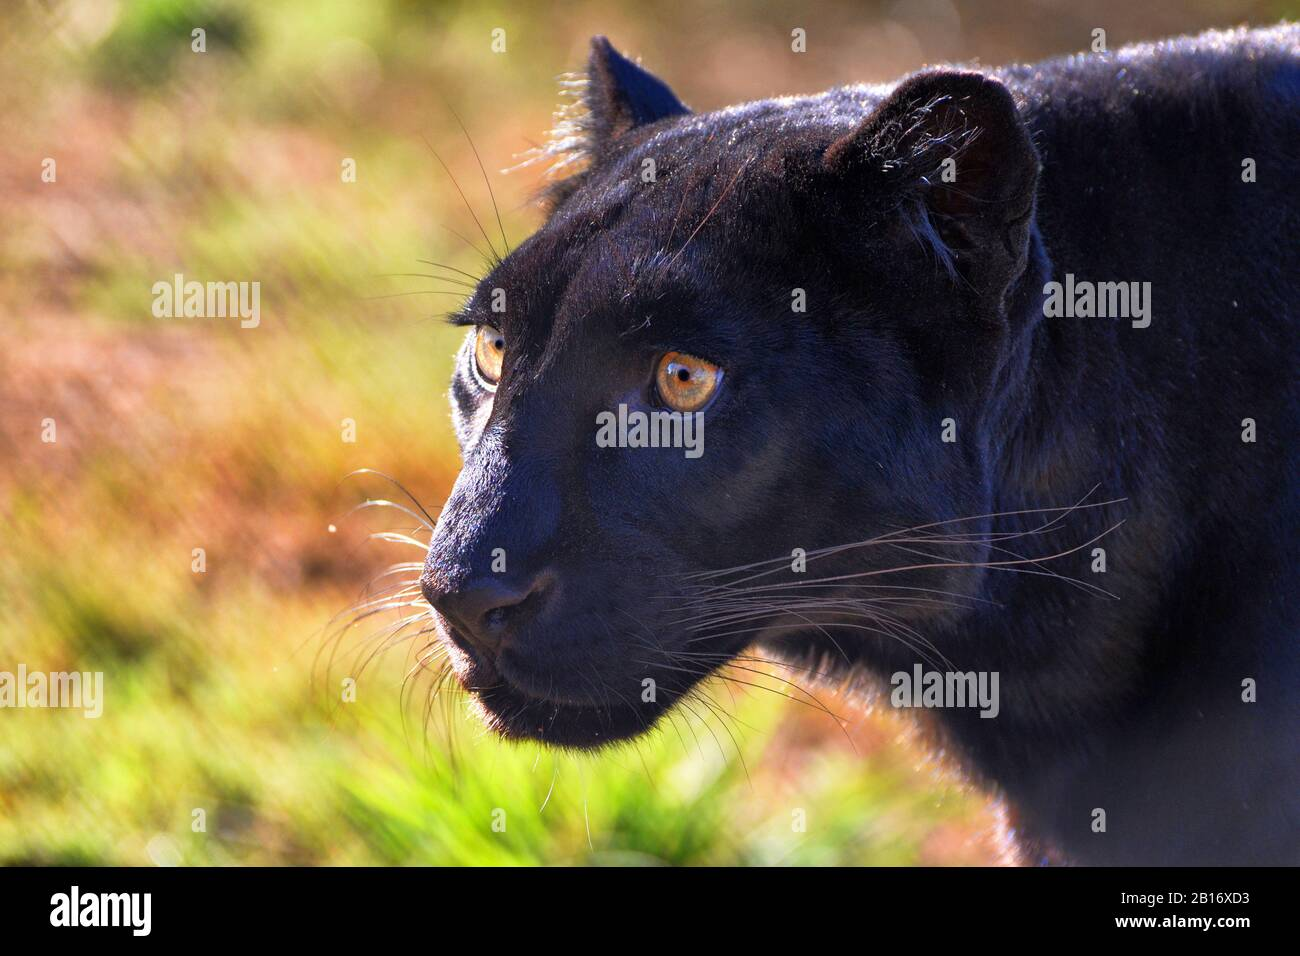 Gros plan Portrait d'un léopard noir Banque D'Images